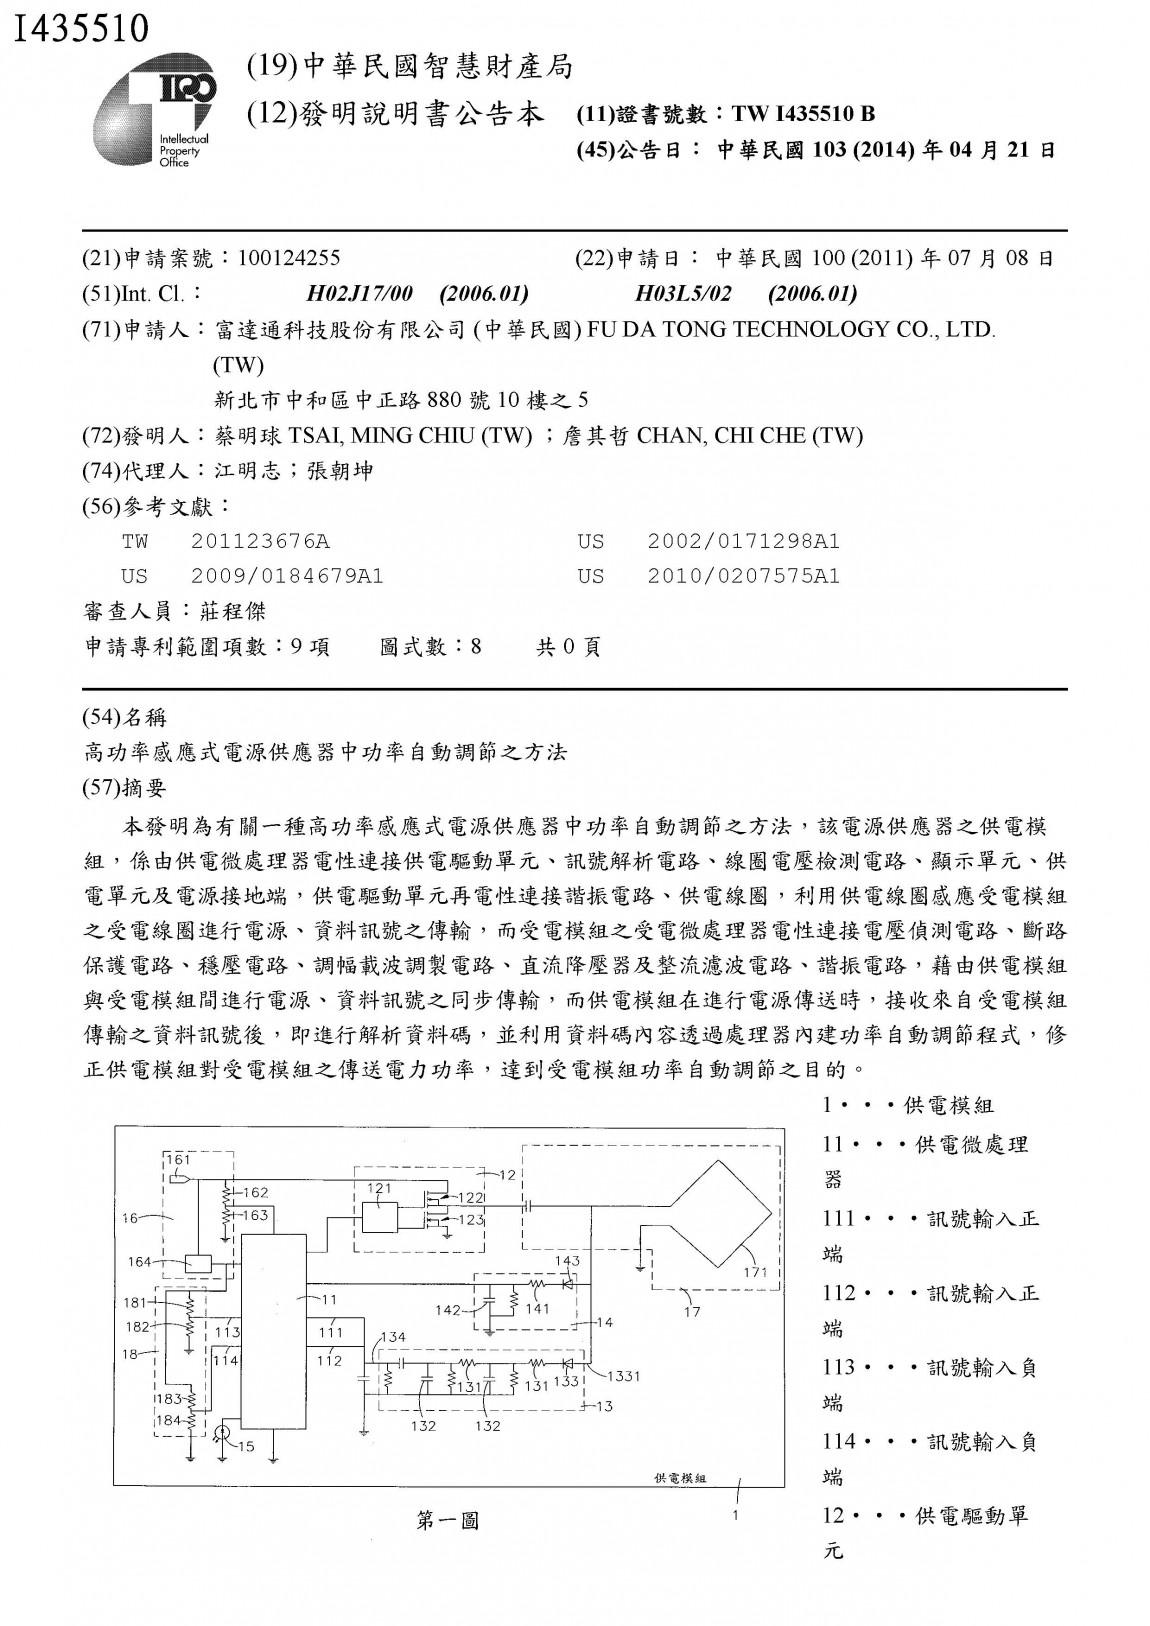 富達通專利12-高功率感应式电源供应器中功率自动调节的方法(台灣)I435510